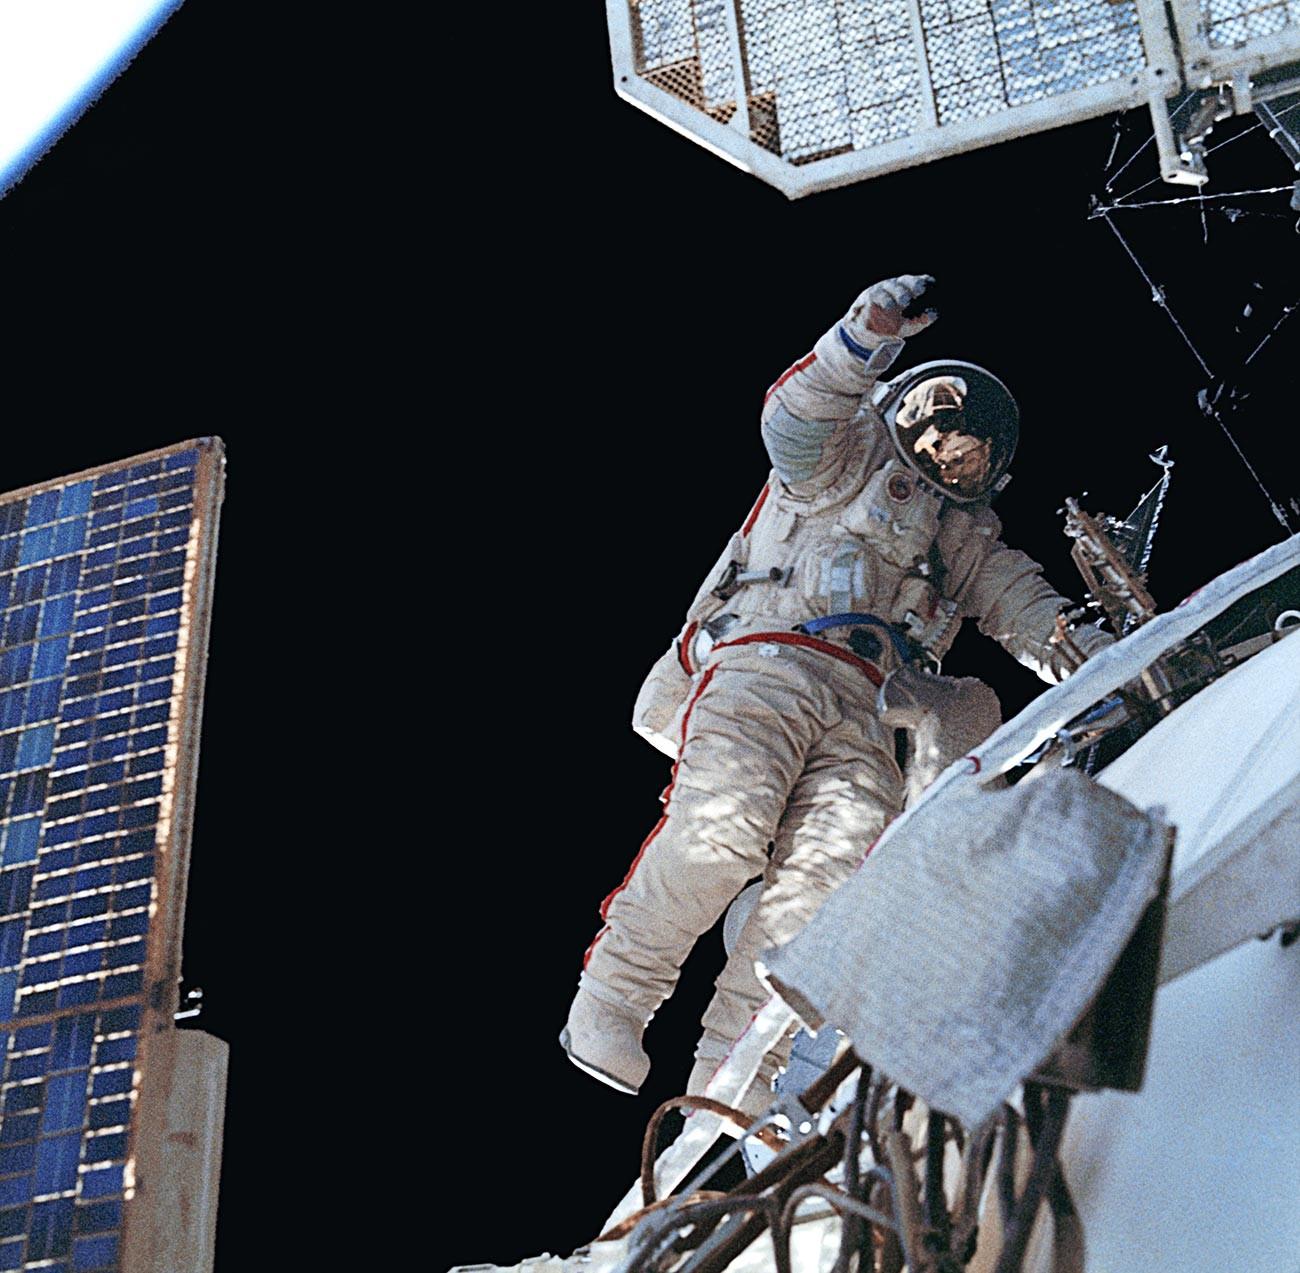 Kozmonaut Aleksandar Volkov tijekom šetnje svemirom.